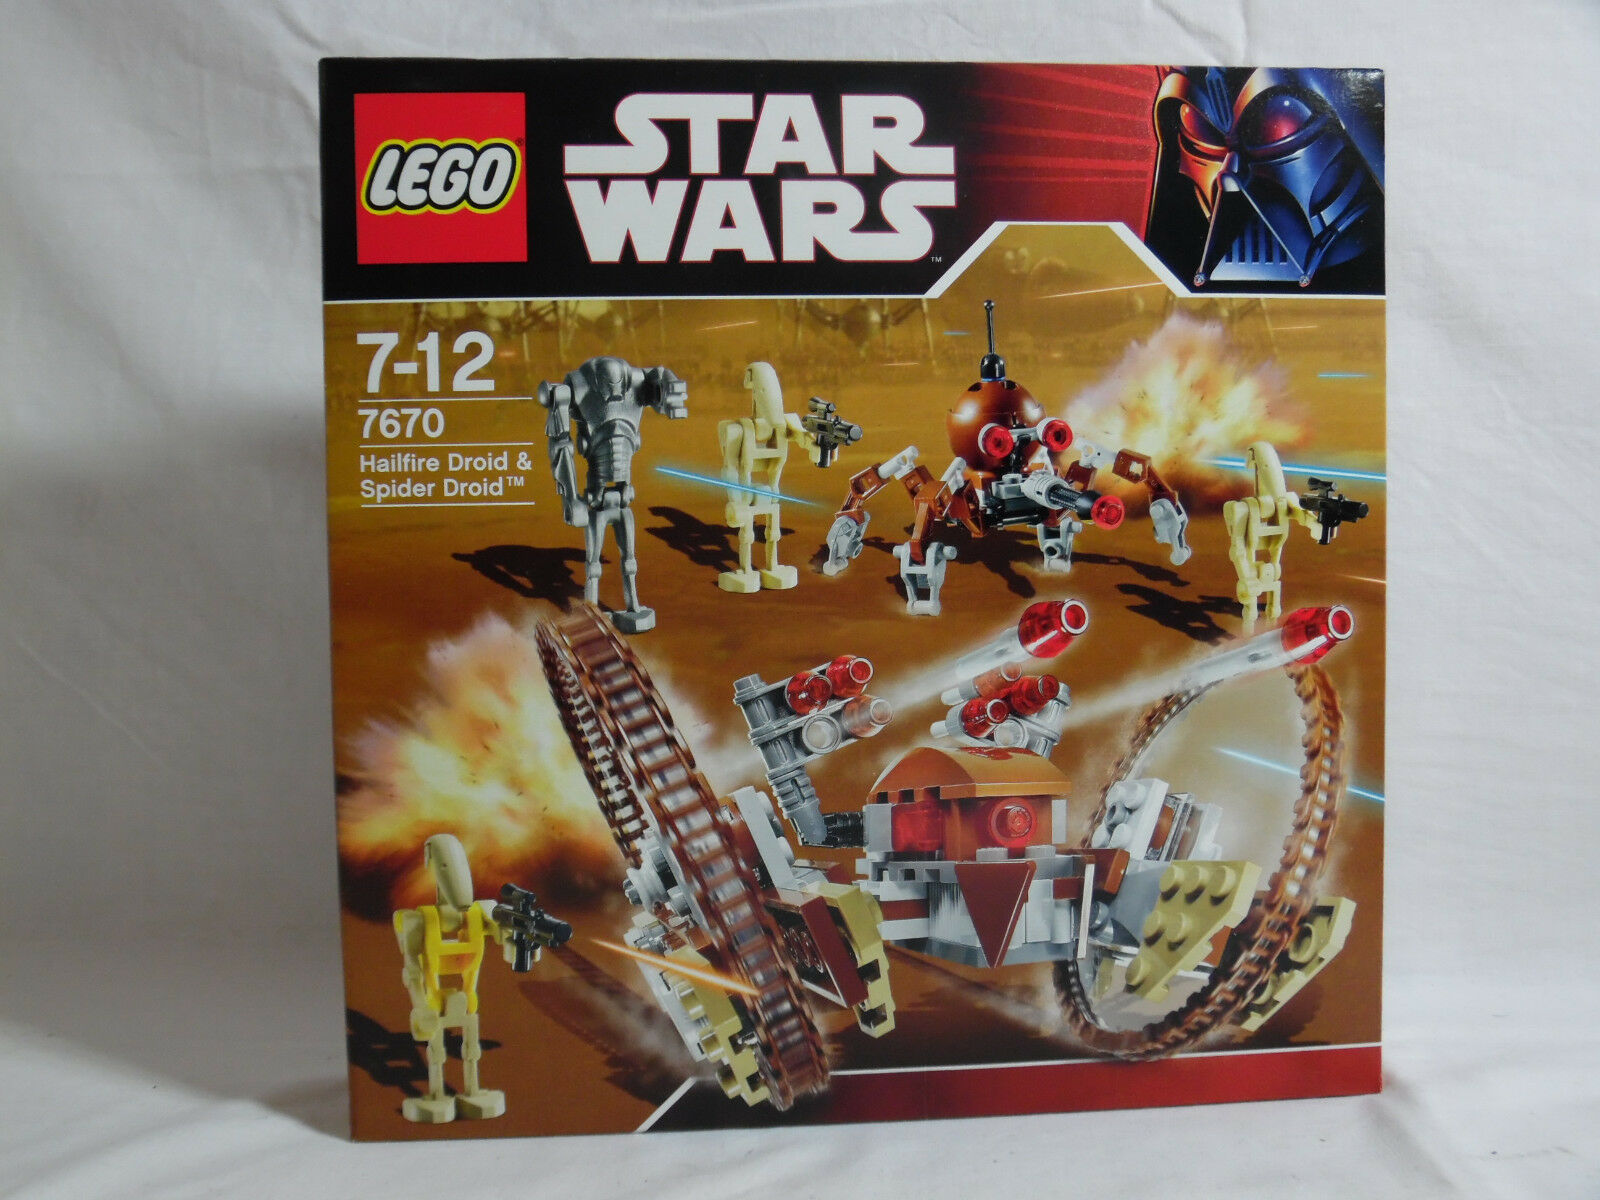 LEGO Star Wars / Hailfire Droid & Spider Droid / 7670 / Neu und OVP